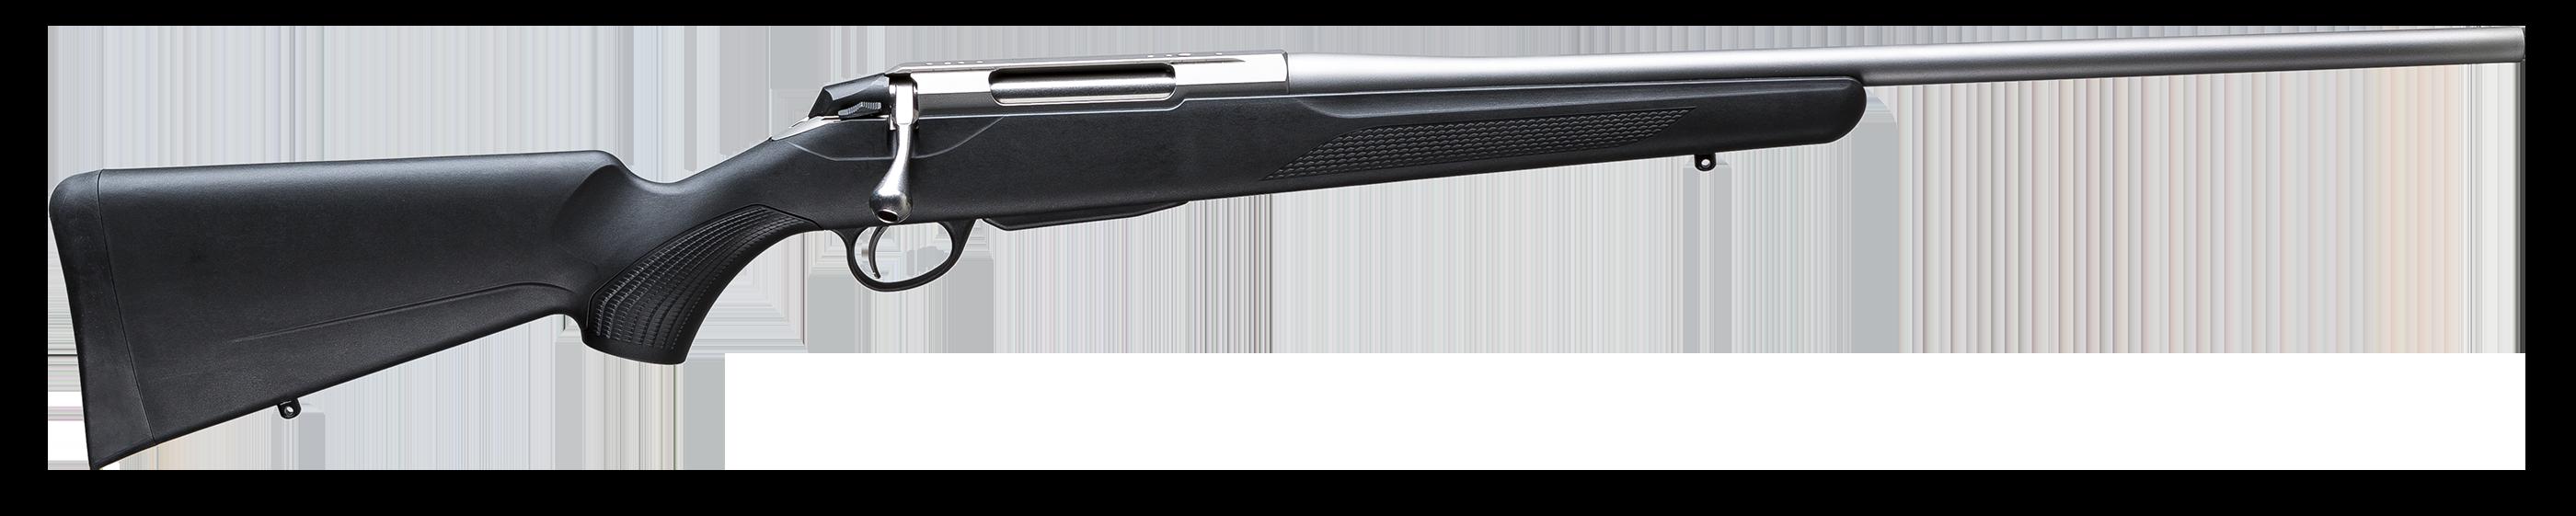 Tikka T3x Lite stainles 9,3x62 kivääri